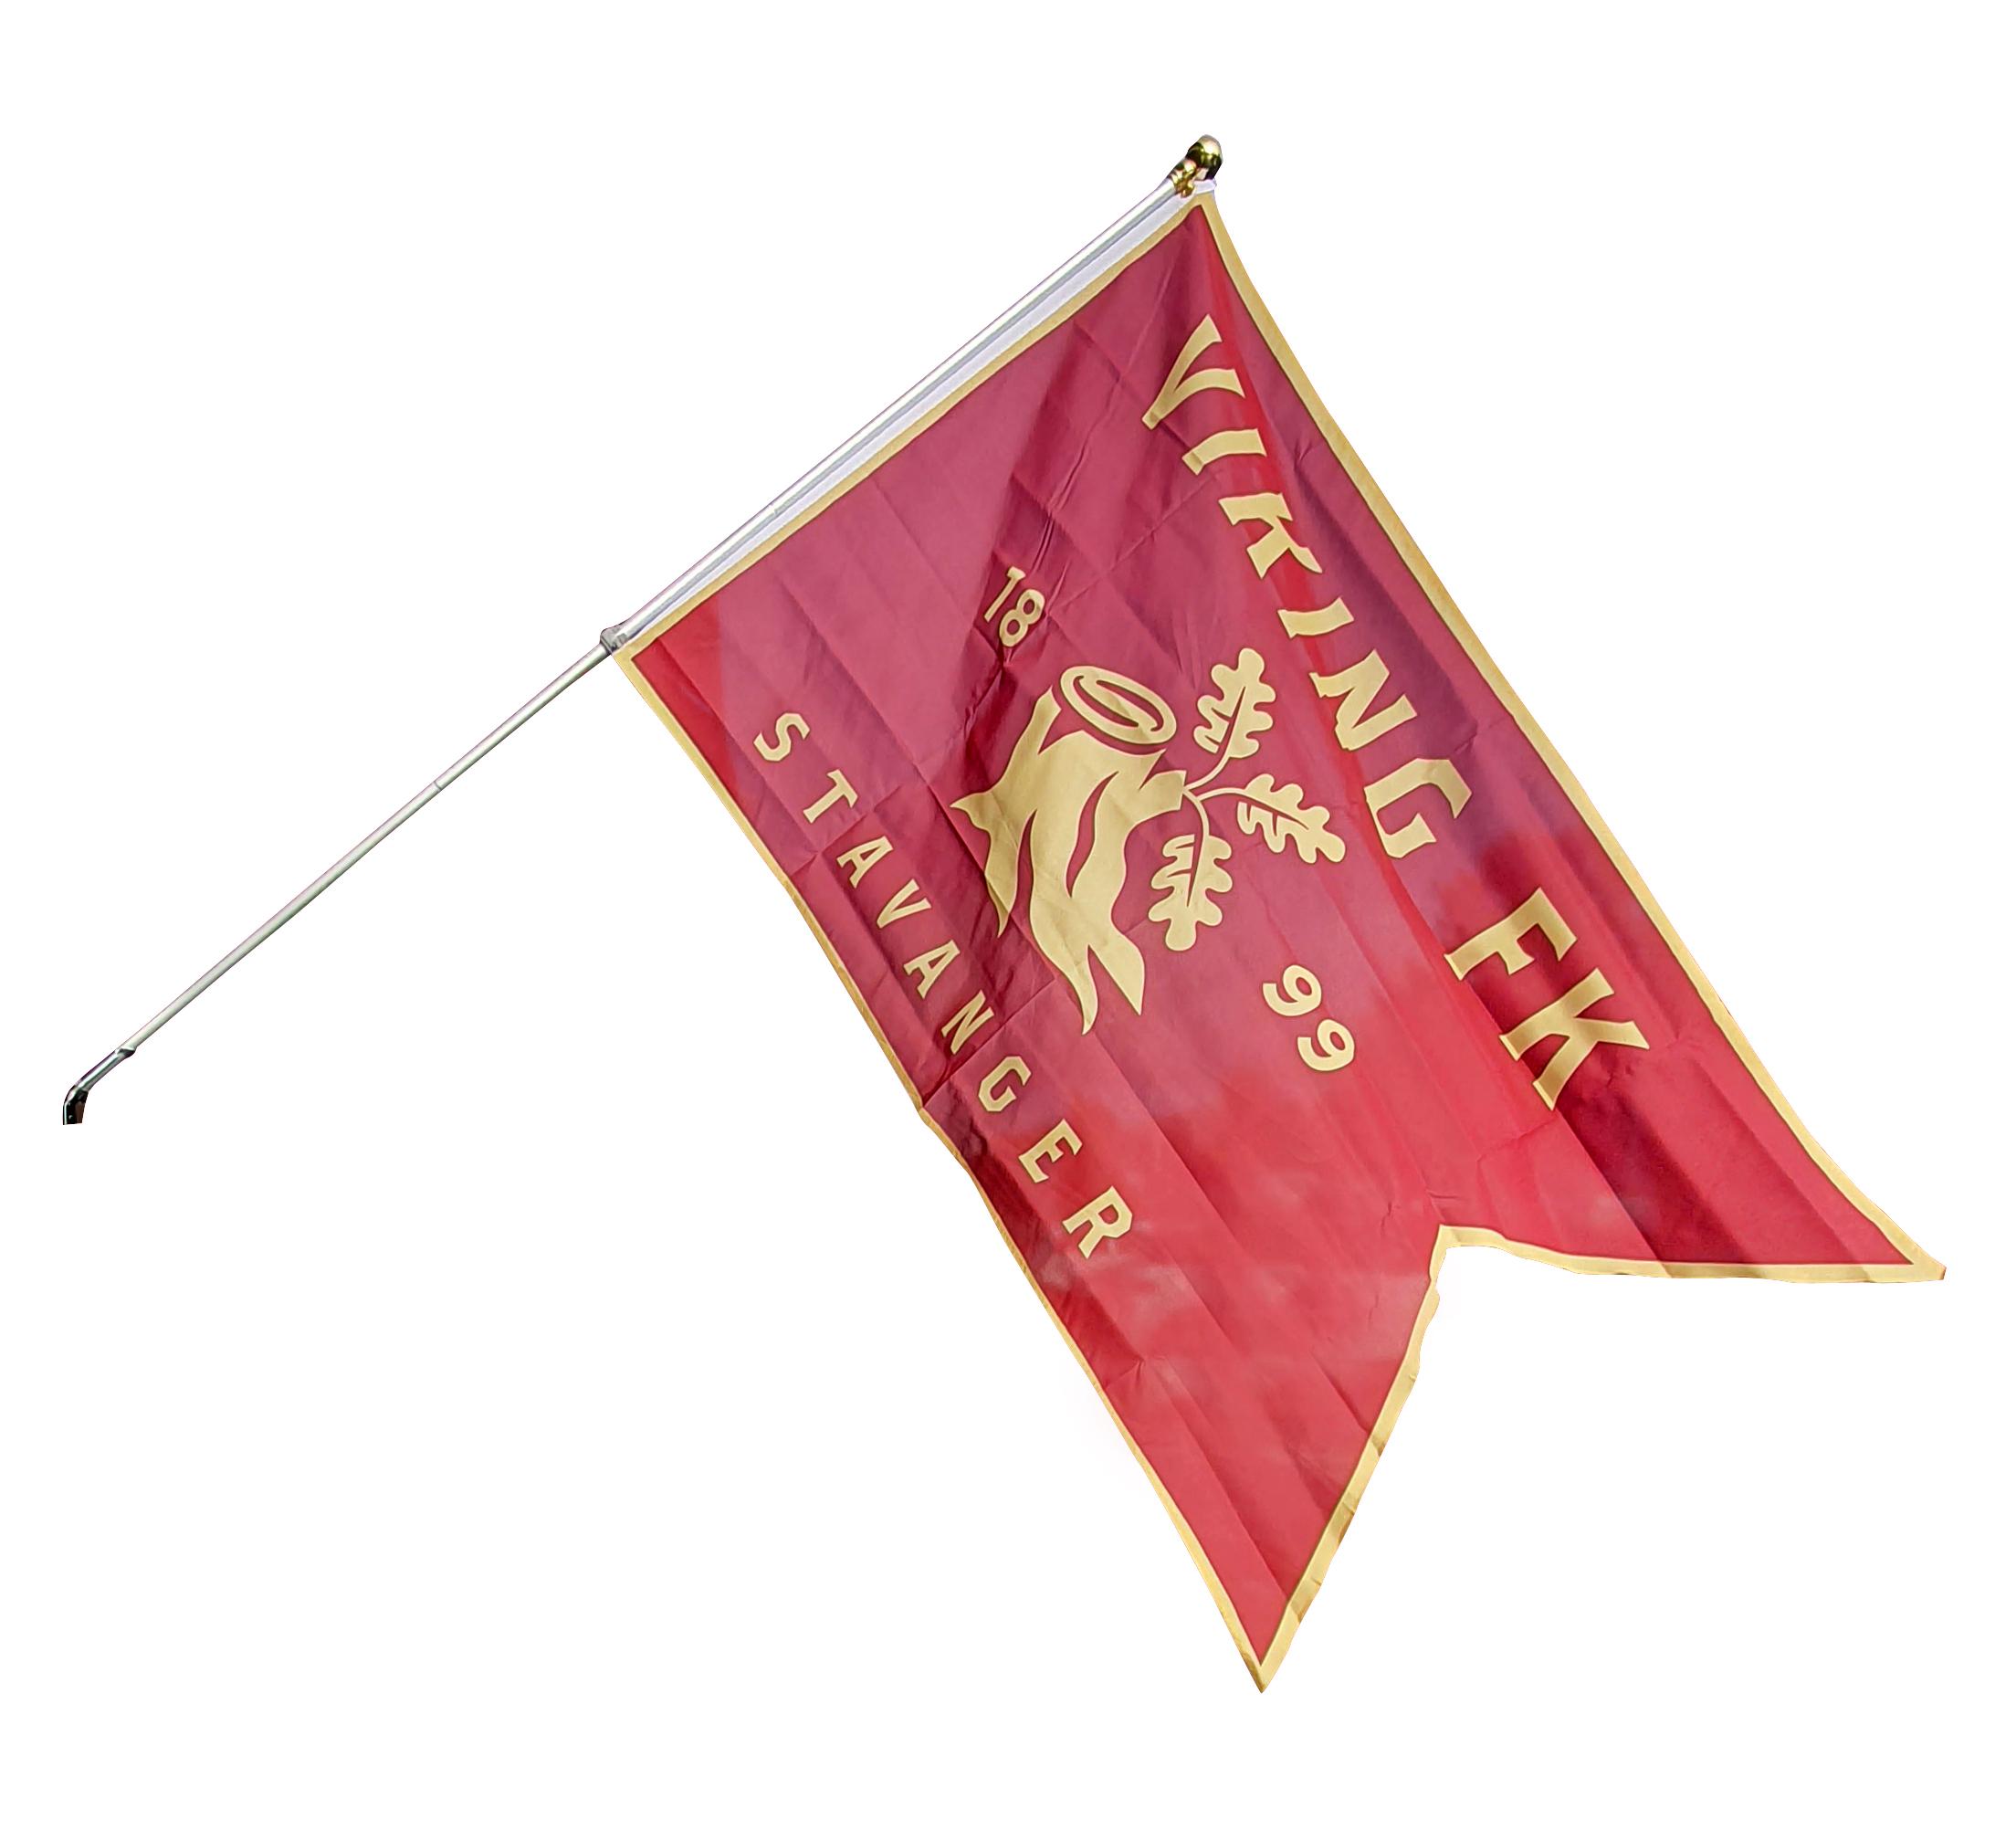 Balkongflagg -